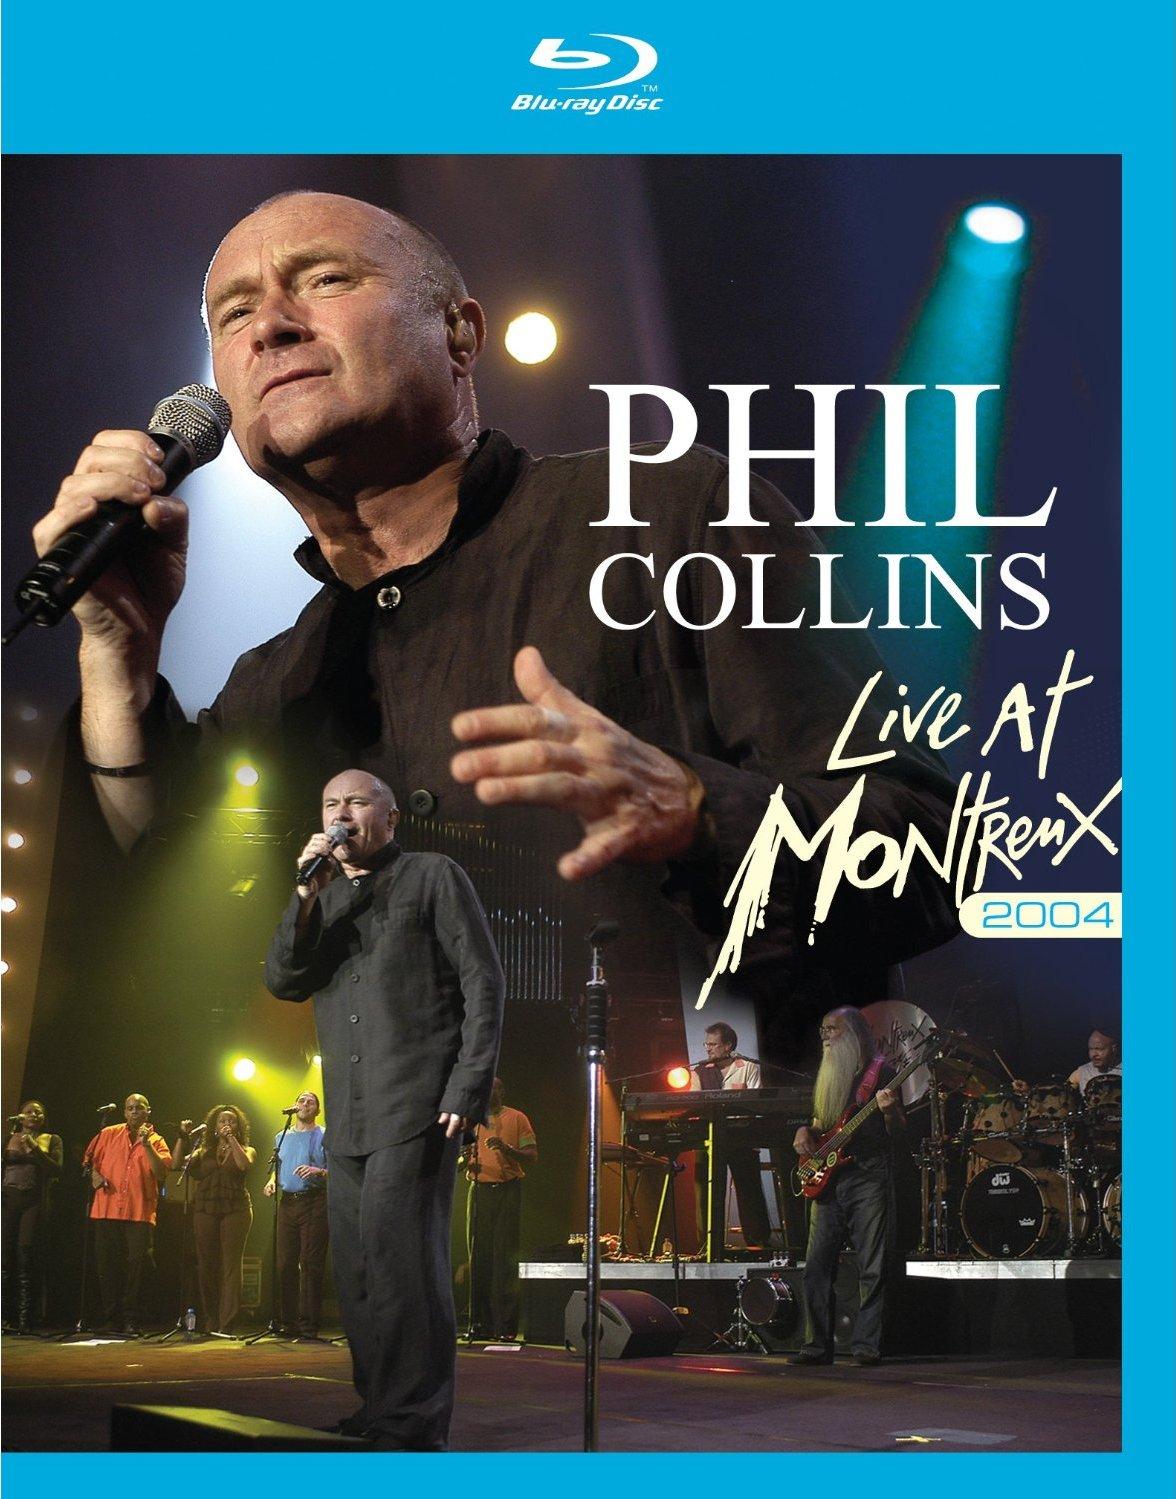 http://3.bp.blogspot.com/-c8ftj116ktI/T58QE0yOd4I/AAAAAAAAGUA/wGfUID8Zkdg/s1600/Phil+Collins+Live+At+Montreux+%25282004%2529+BluRay+capa.jpg